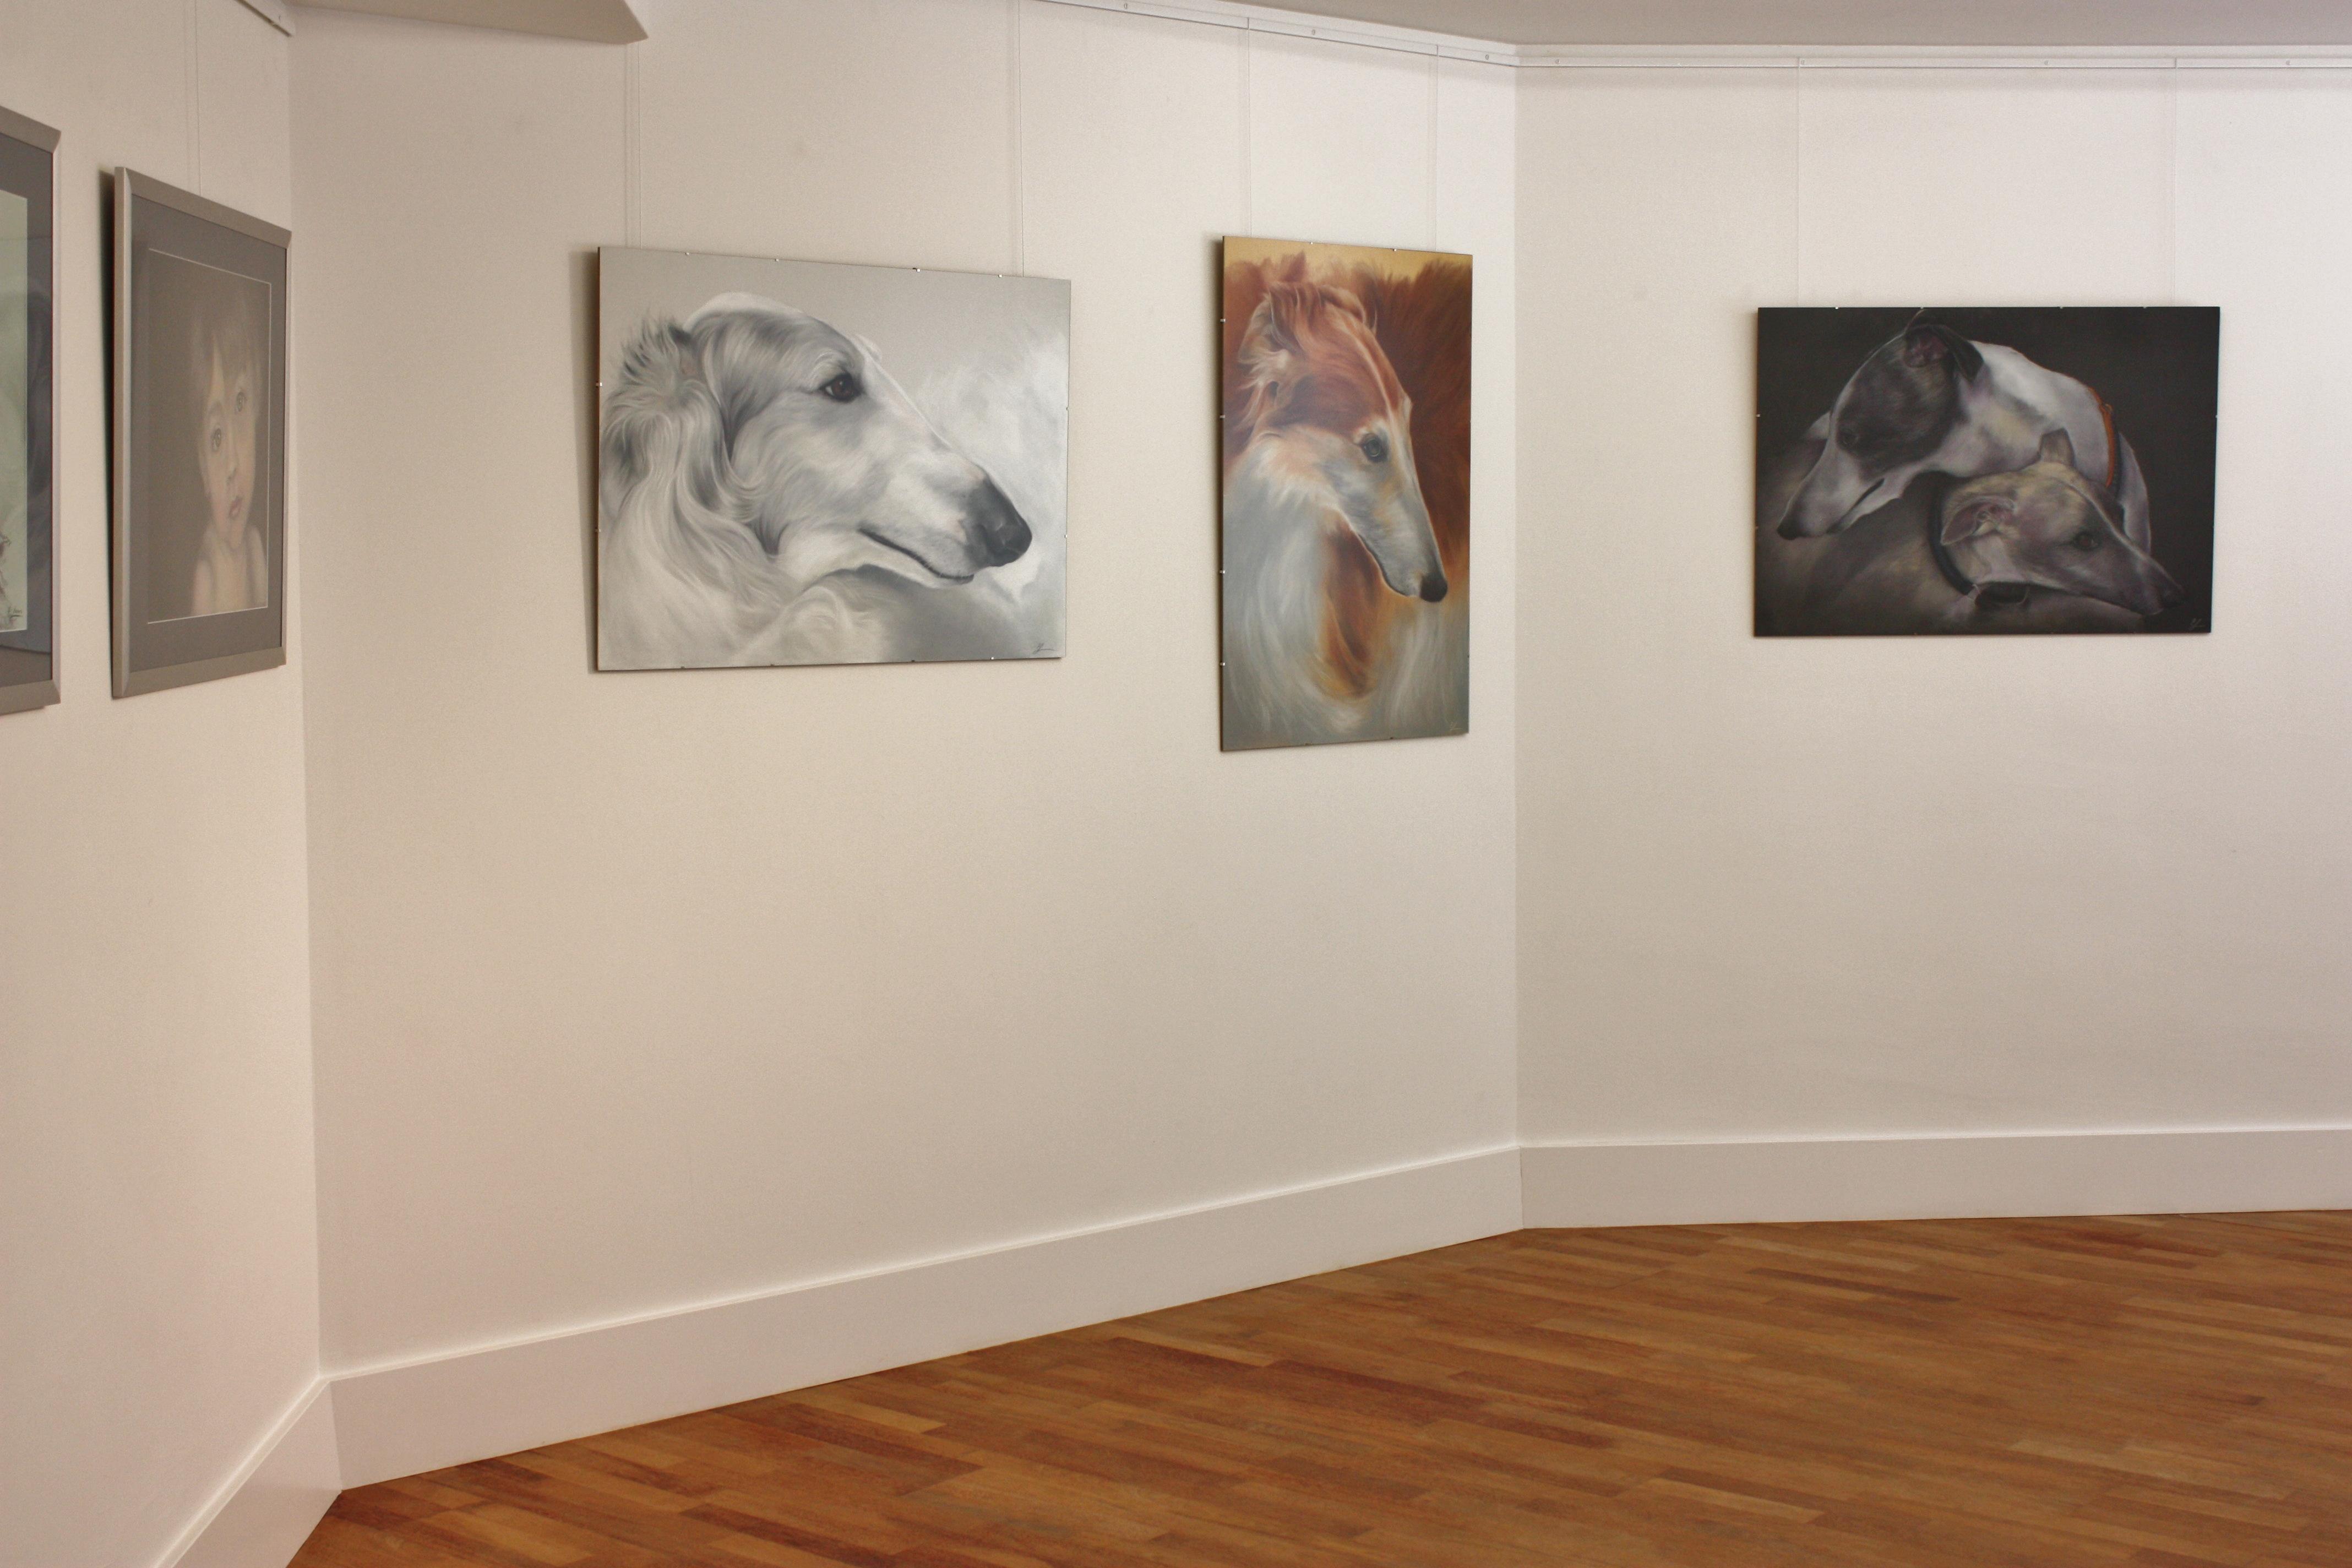 Galerie am Lindenhof Elena Lagun